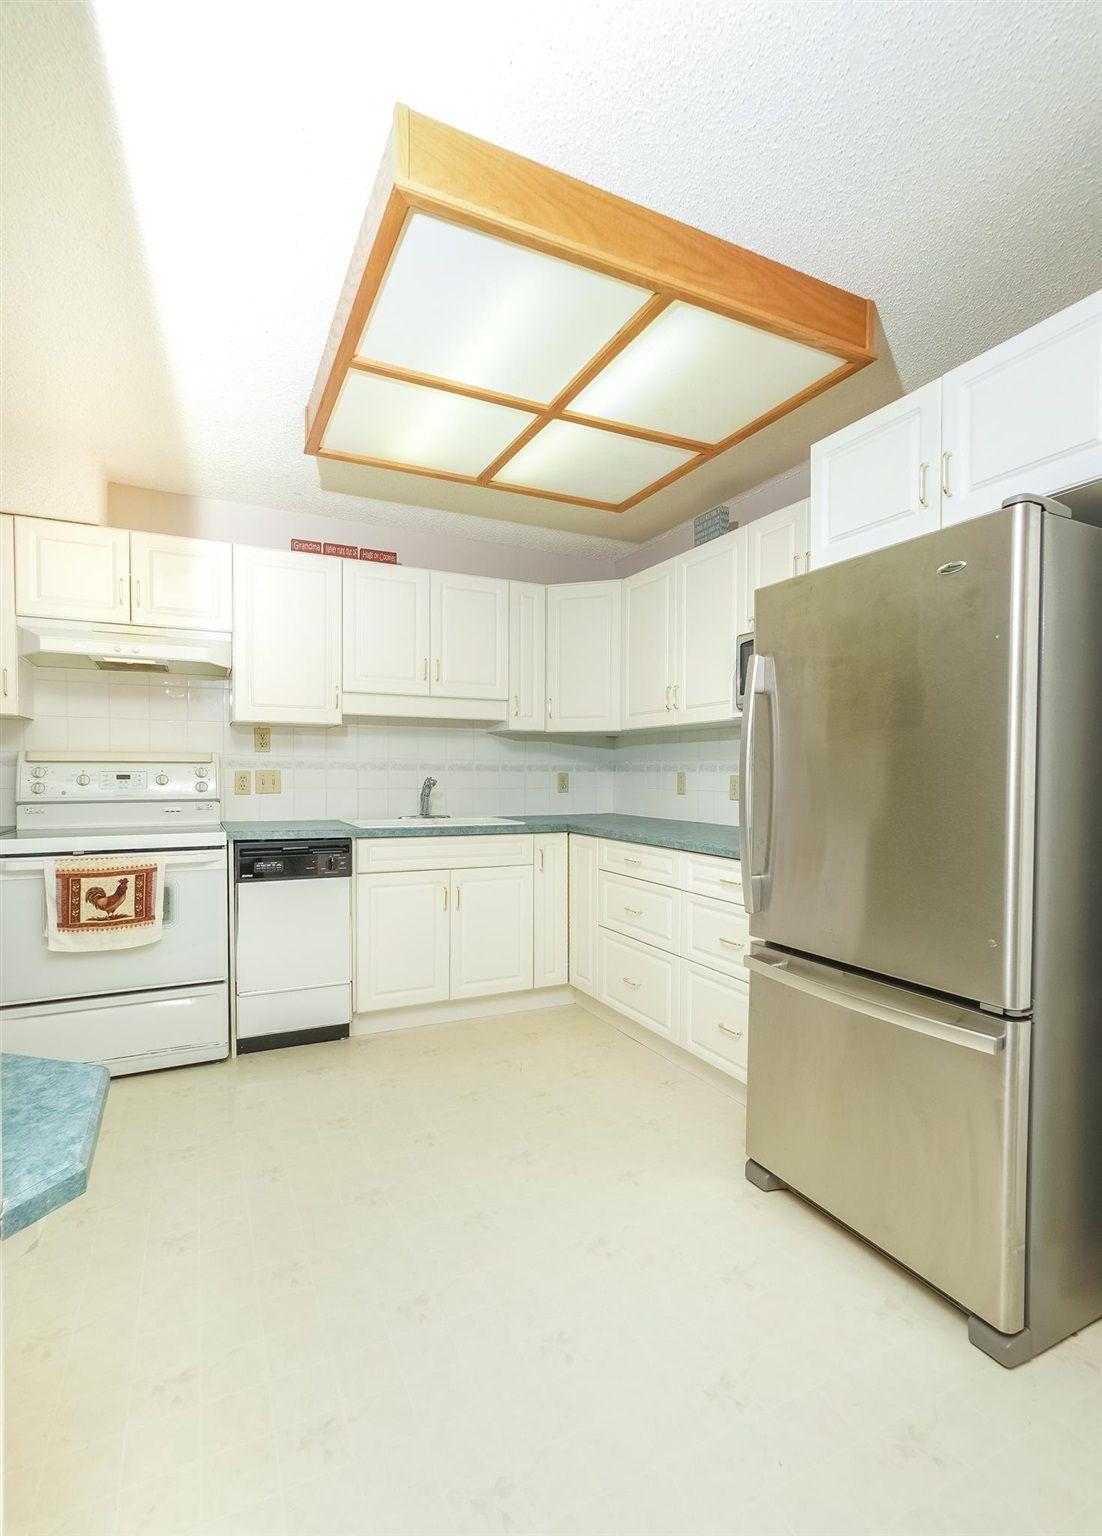 Photo 4: Photos: 205 5212 48 Avenue: Wetaskiwin Condo for sale : MLS®# E4254817